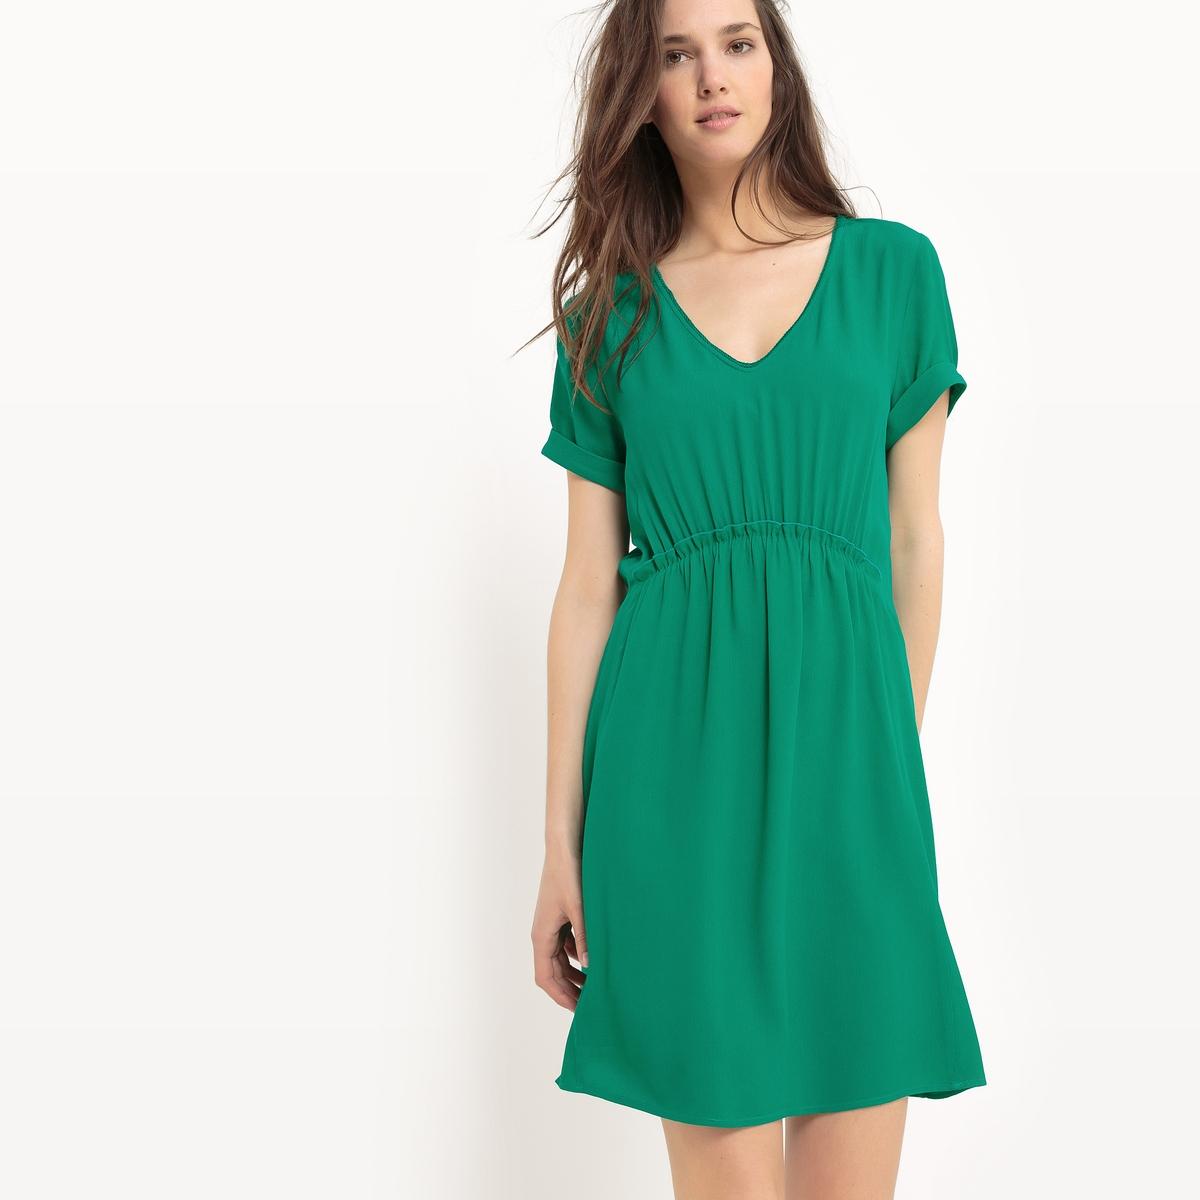 Платье эластичное с короткими рукавамиМатериал : 100% вискоза         Длина рукава : короткие рукава        Особенность пояса : Эластичный пояс        Форма воротника : V-образный вырез        Покрой платья : расклешенное платье        Рисунок : однотонная модель          Длина платья : до колен<br><br>Цвет: зеленый<br>Размер: S.L